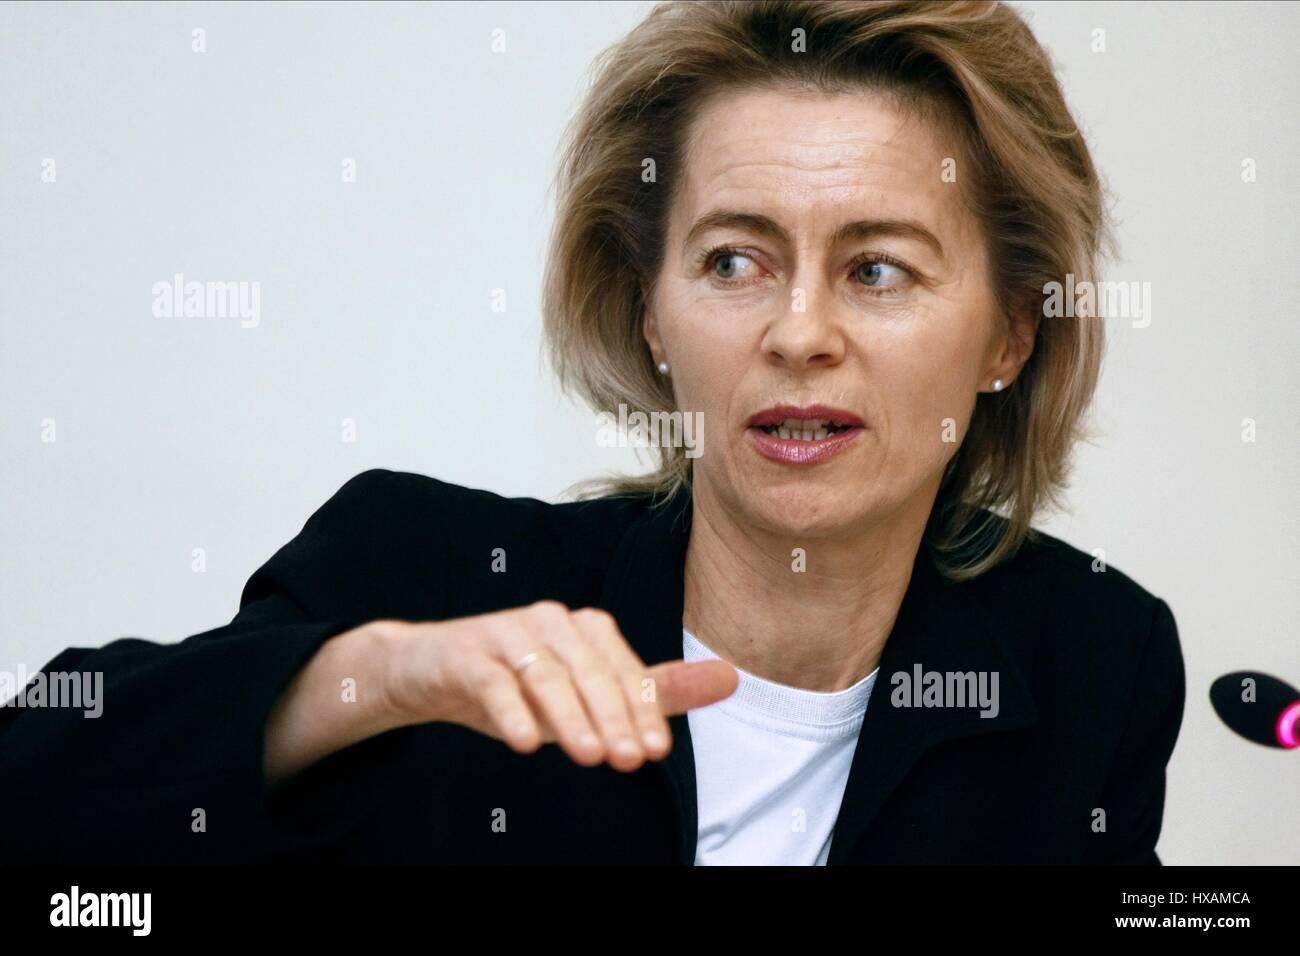 URSULA VON DER LEYEN GERMAN POLITICIAN & MINISTER 11 November 2008 - Stock Image